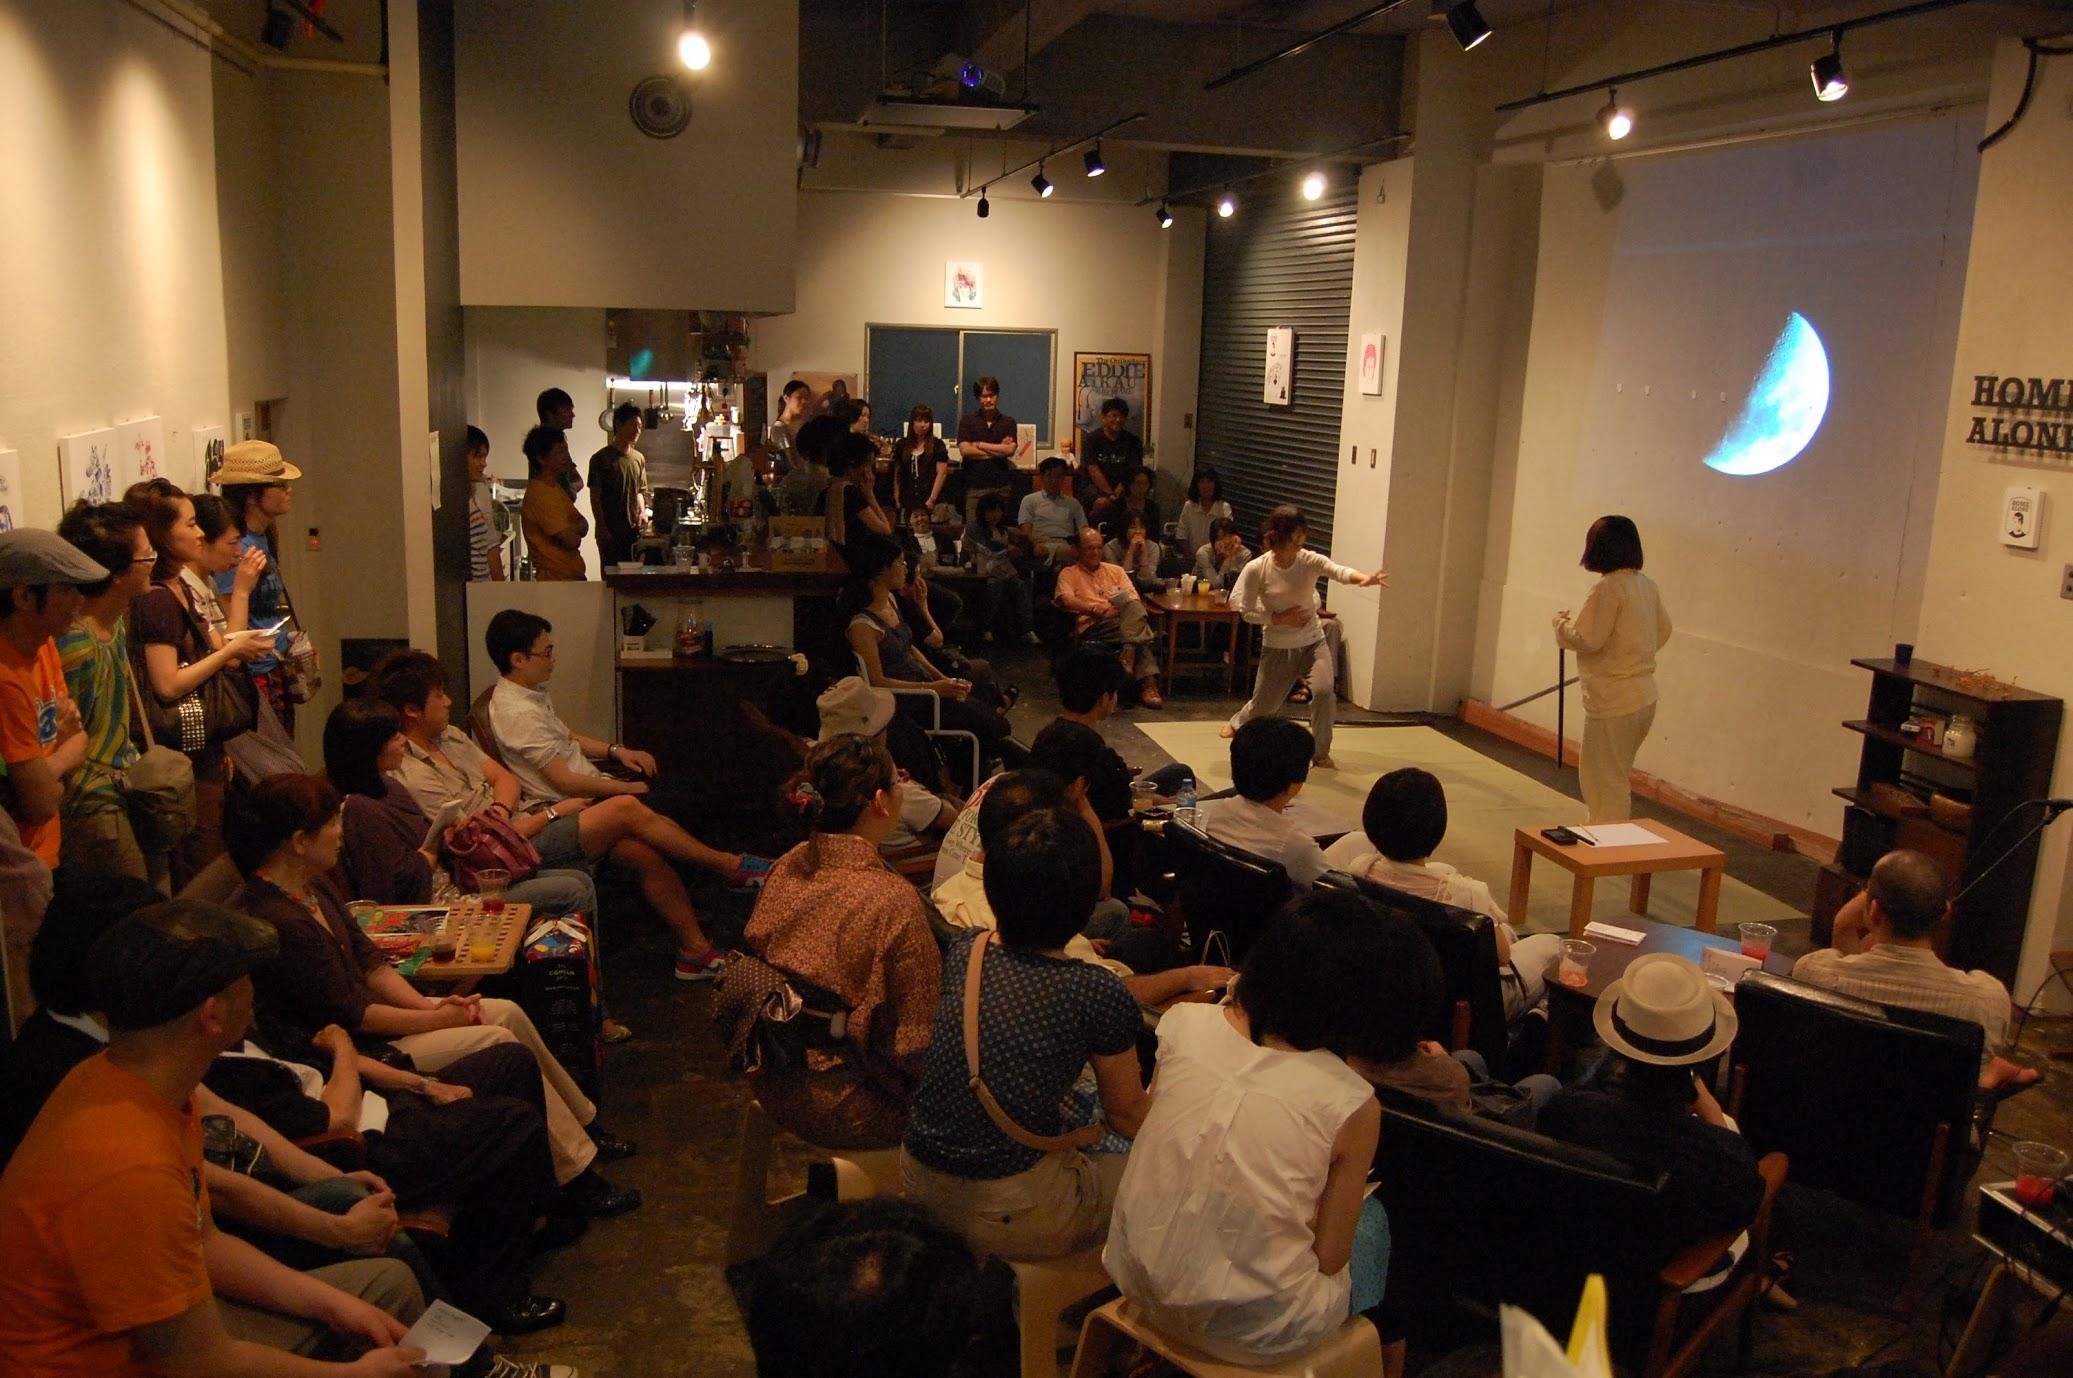 http://ud.t.u-tokyo.ac.jp/blog/_images/DSC_0433.jpg